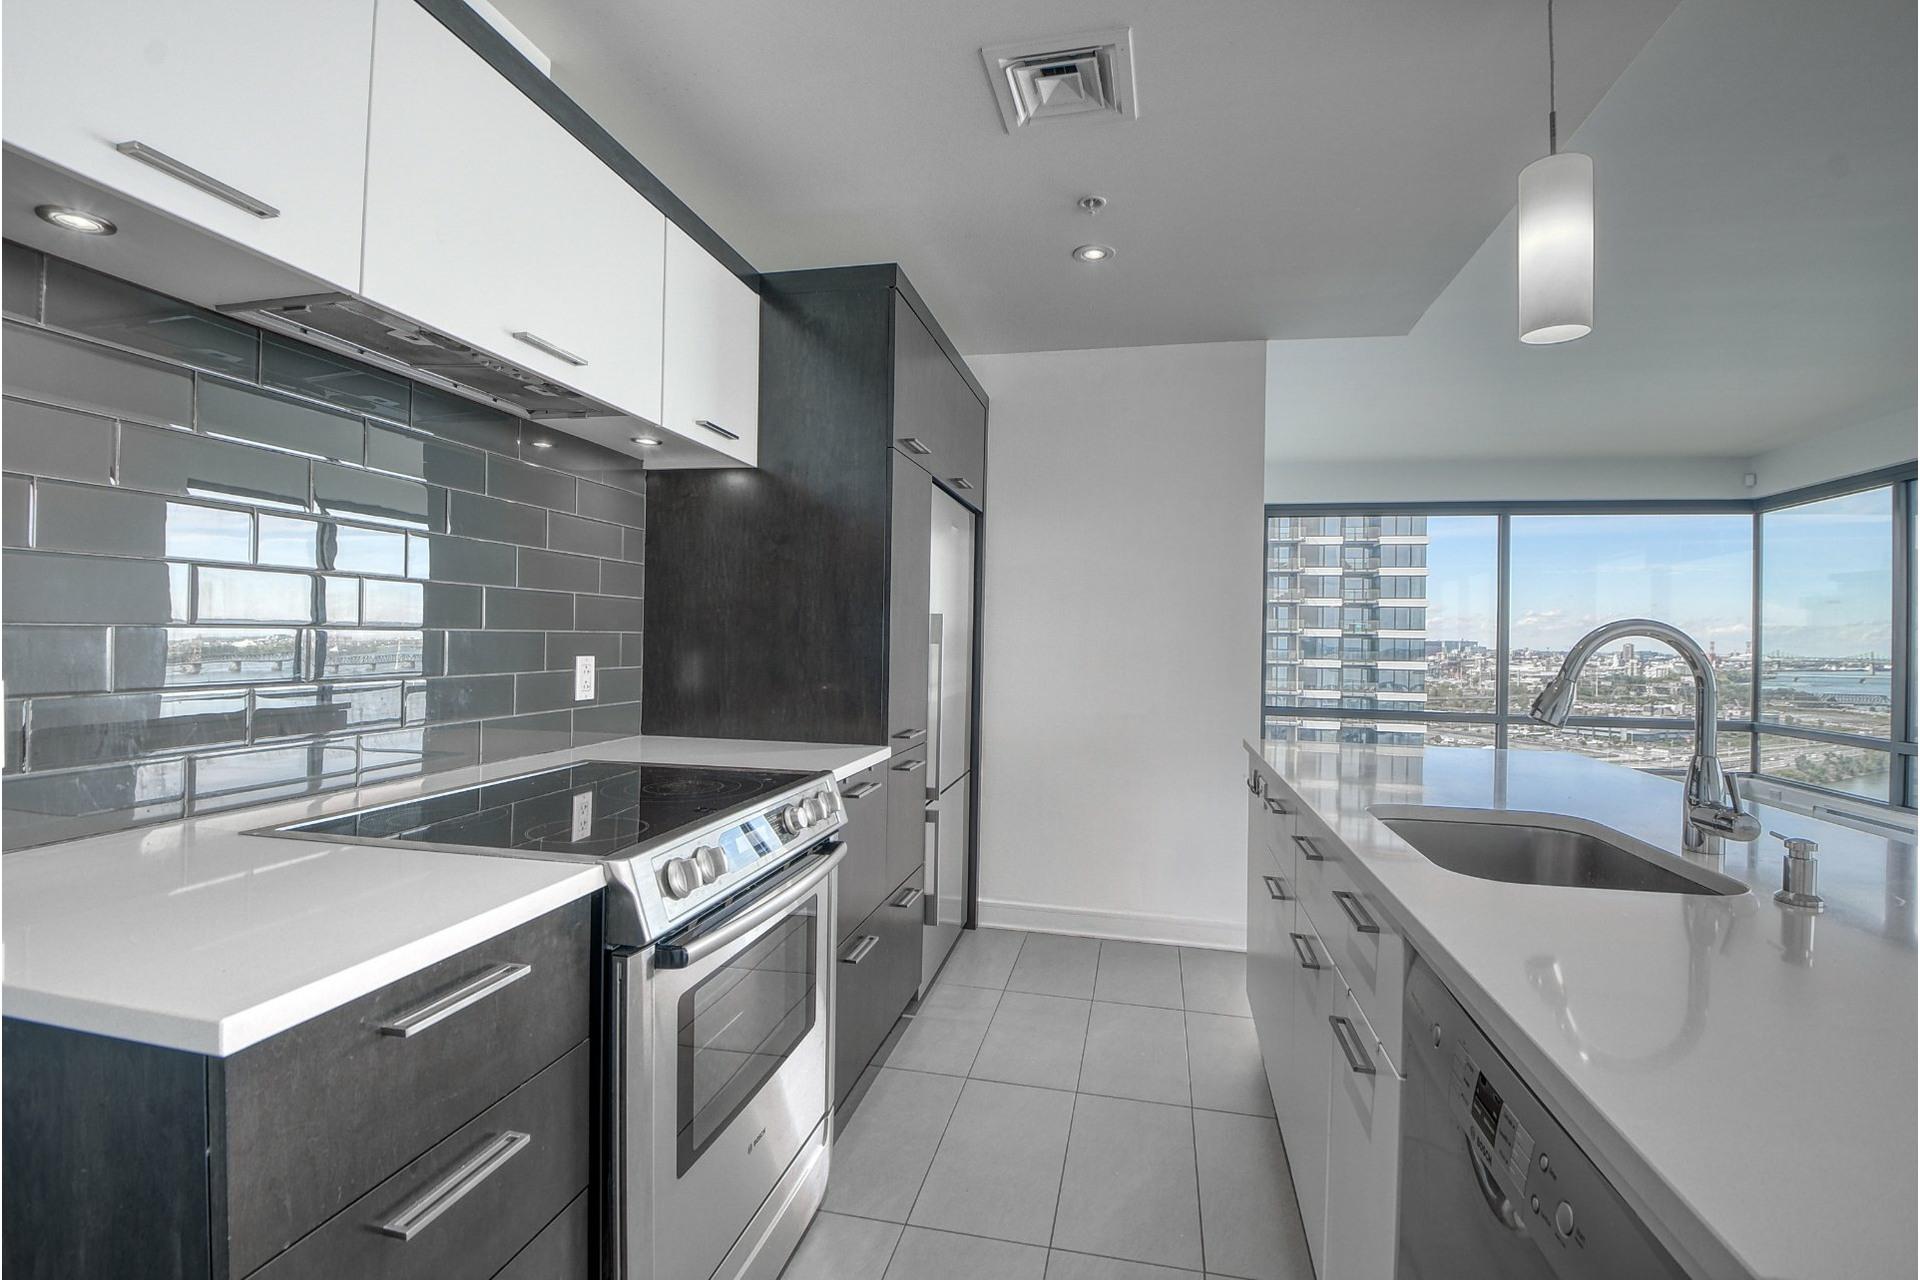 image 11 - Apartment For rent Verdun/Île-des-Soeurs Montréal  - 6 rooms